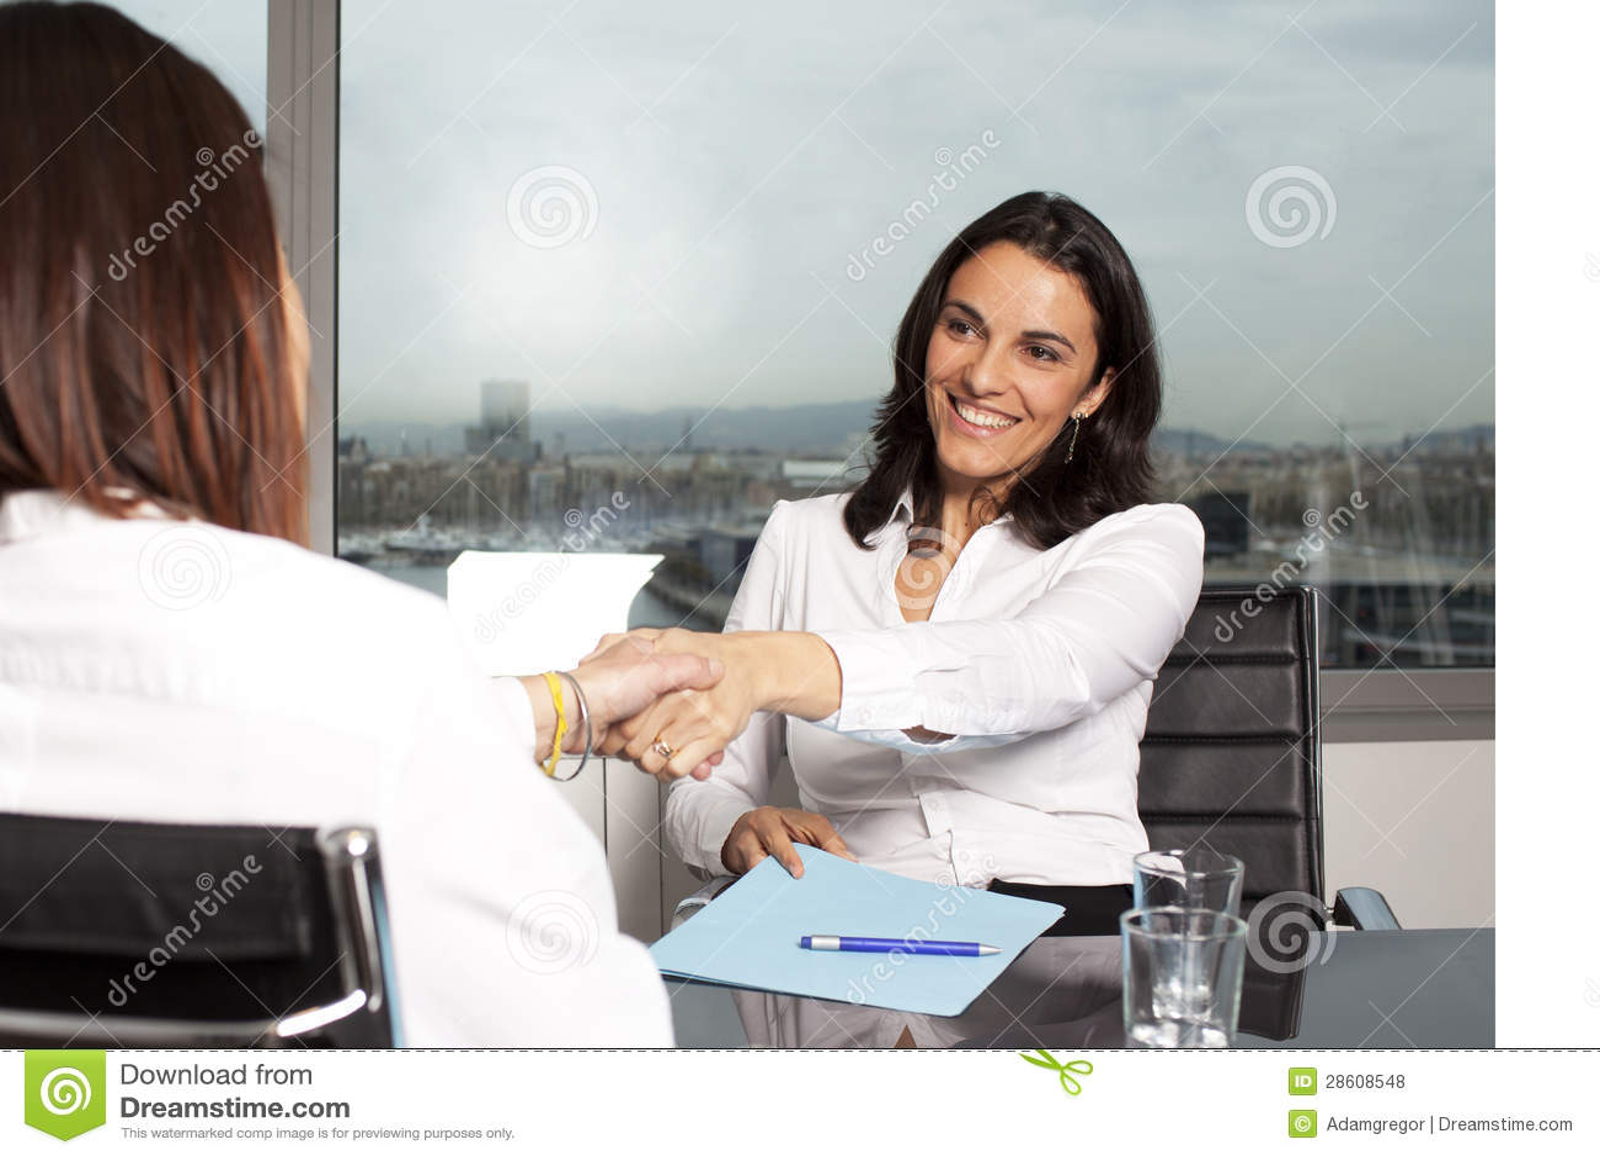 Female banker